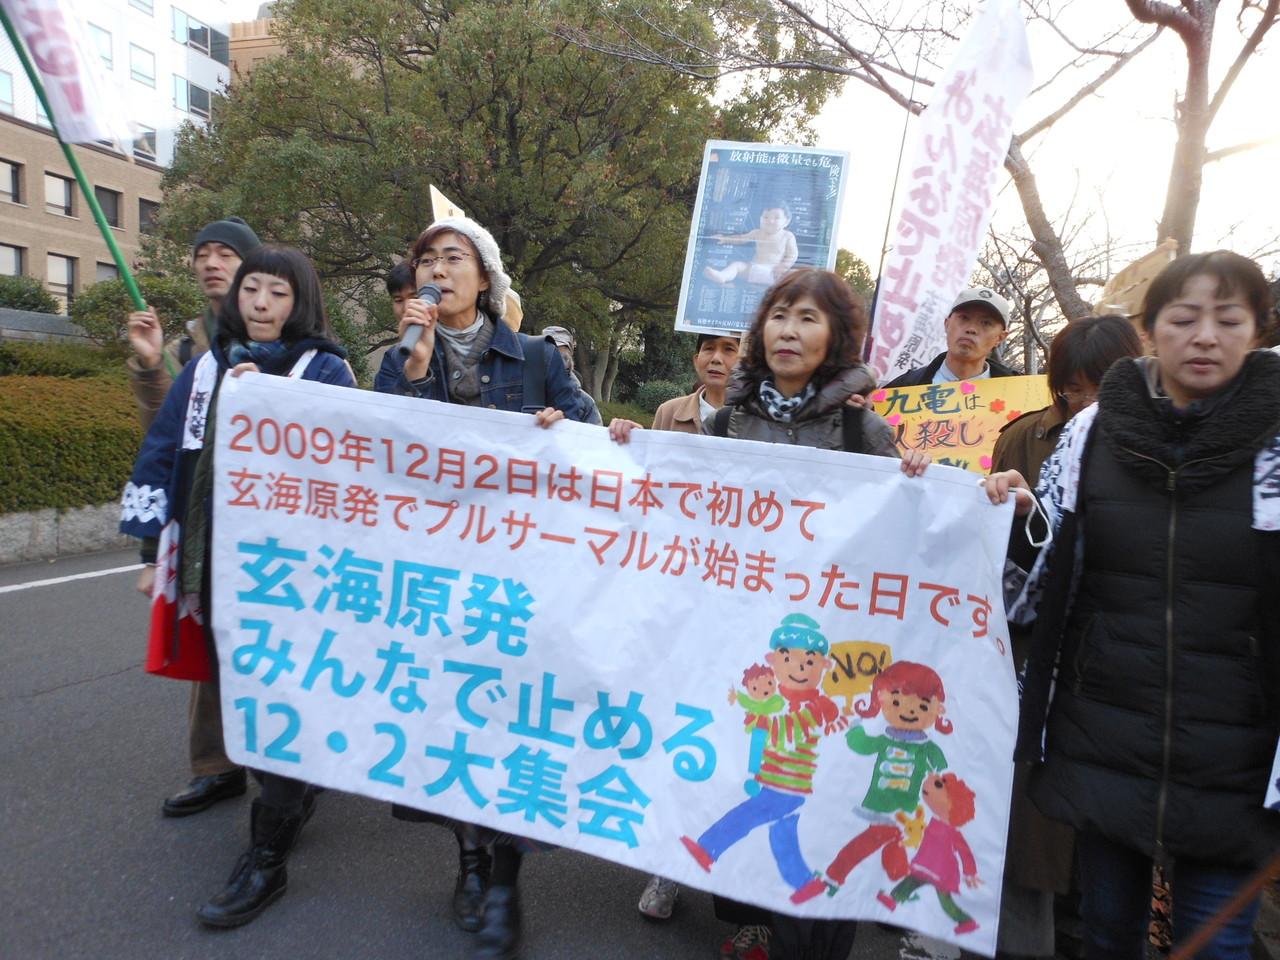 2012.12.2 佐賀県庁へデモ、脱原発への誓いを込めて。